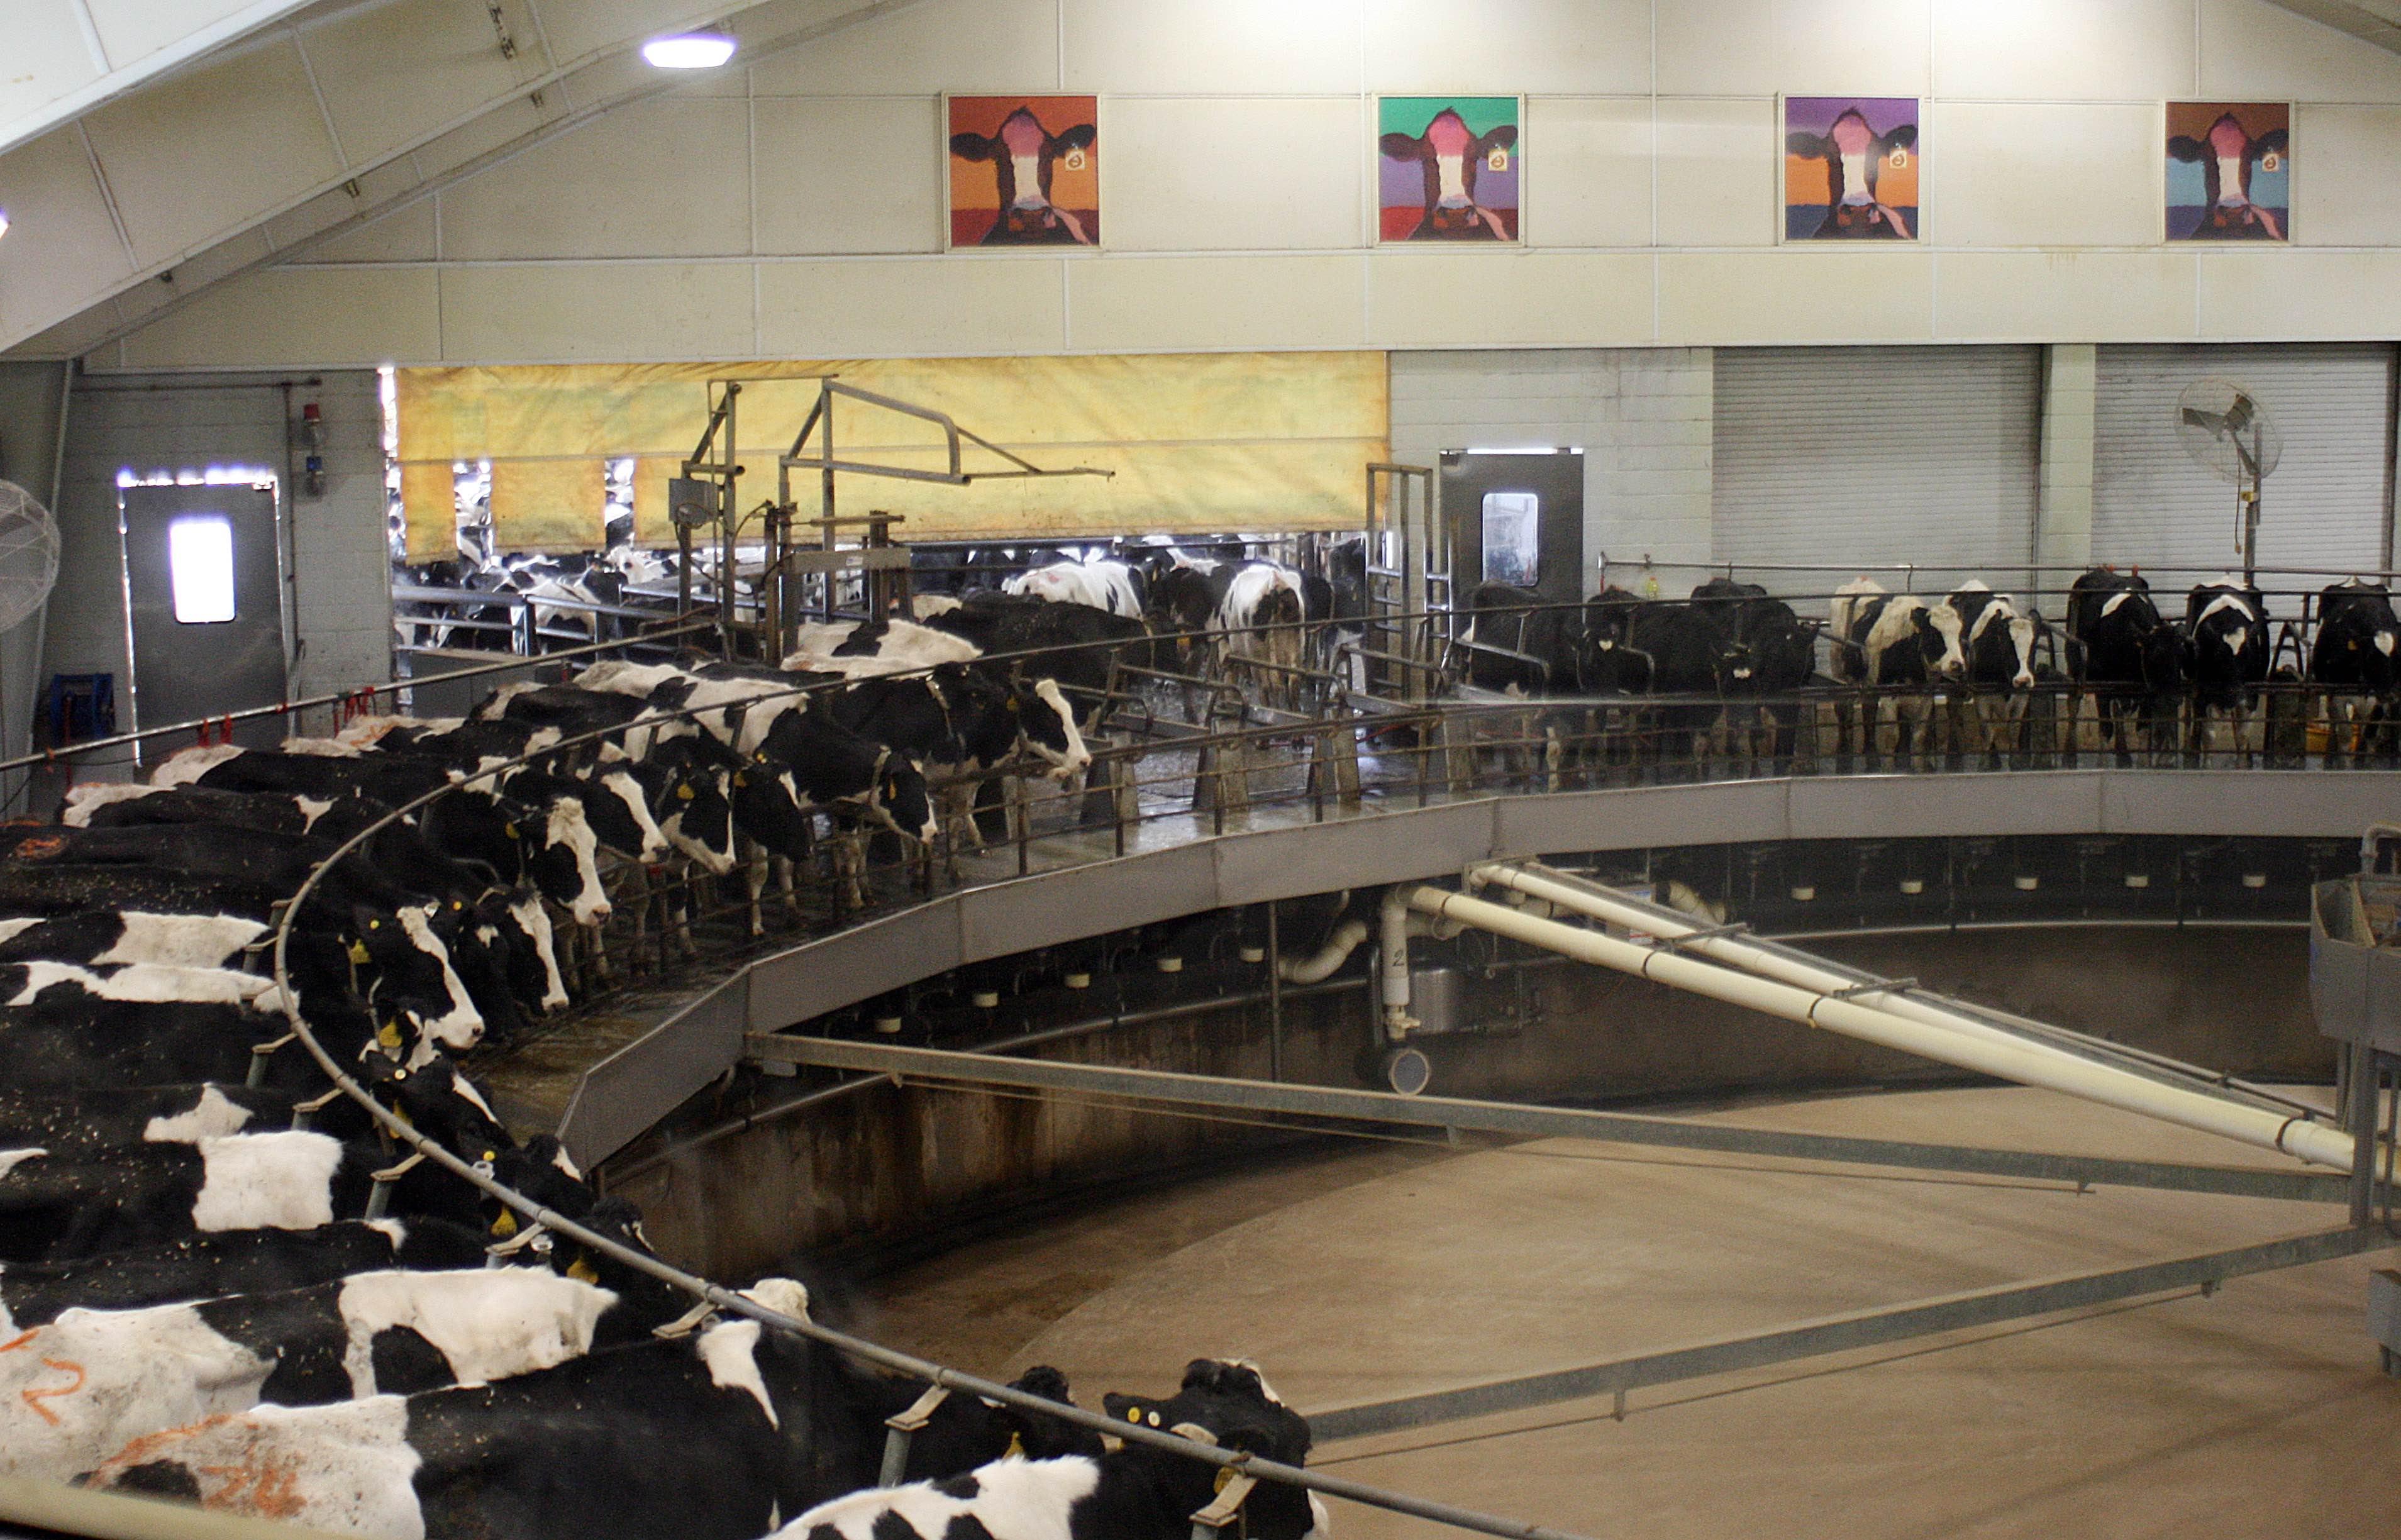 industria-leche-queso-vacas-fabricas-calentamiento-global-contaminacion